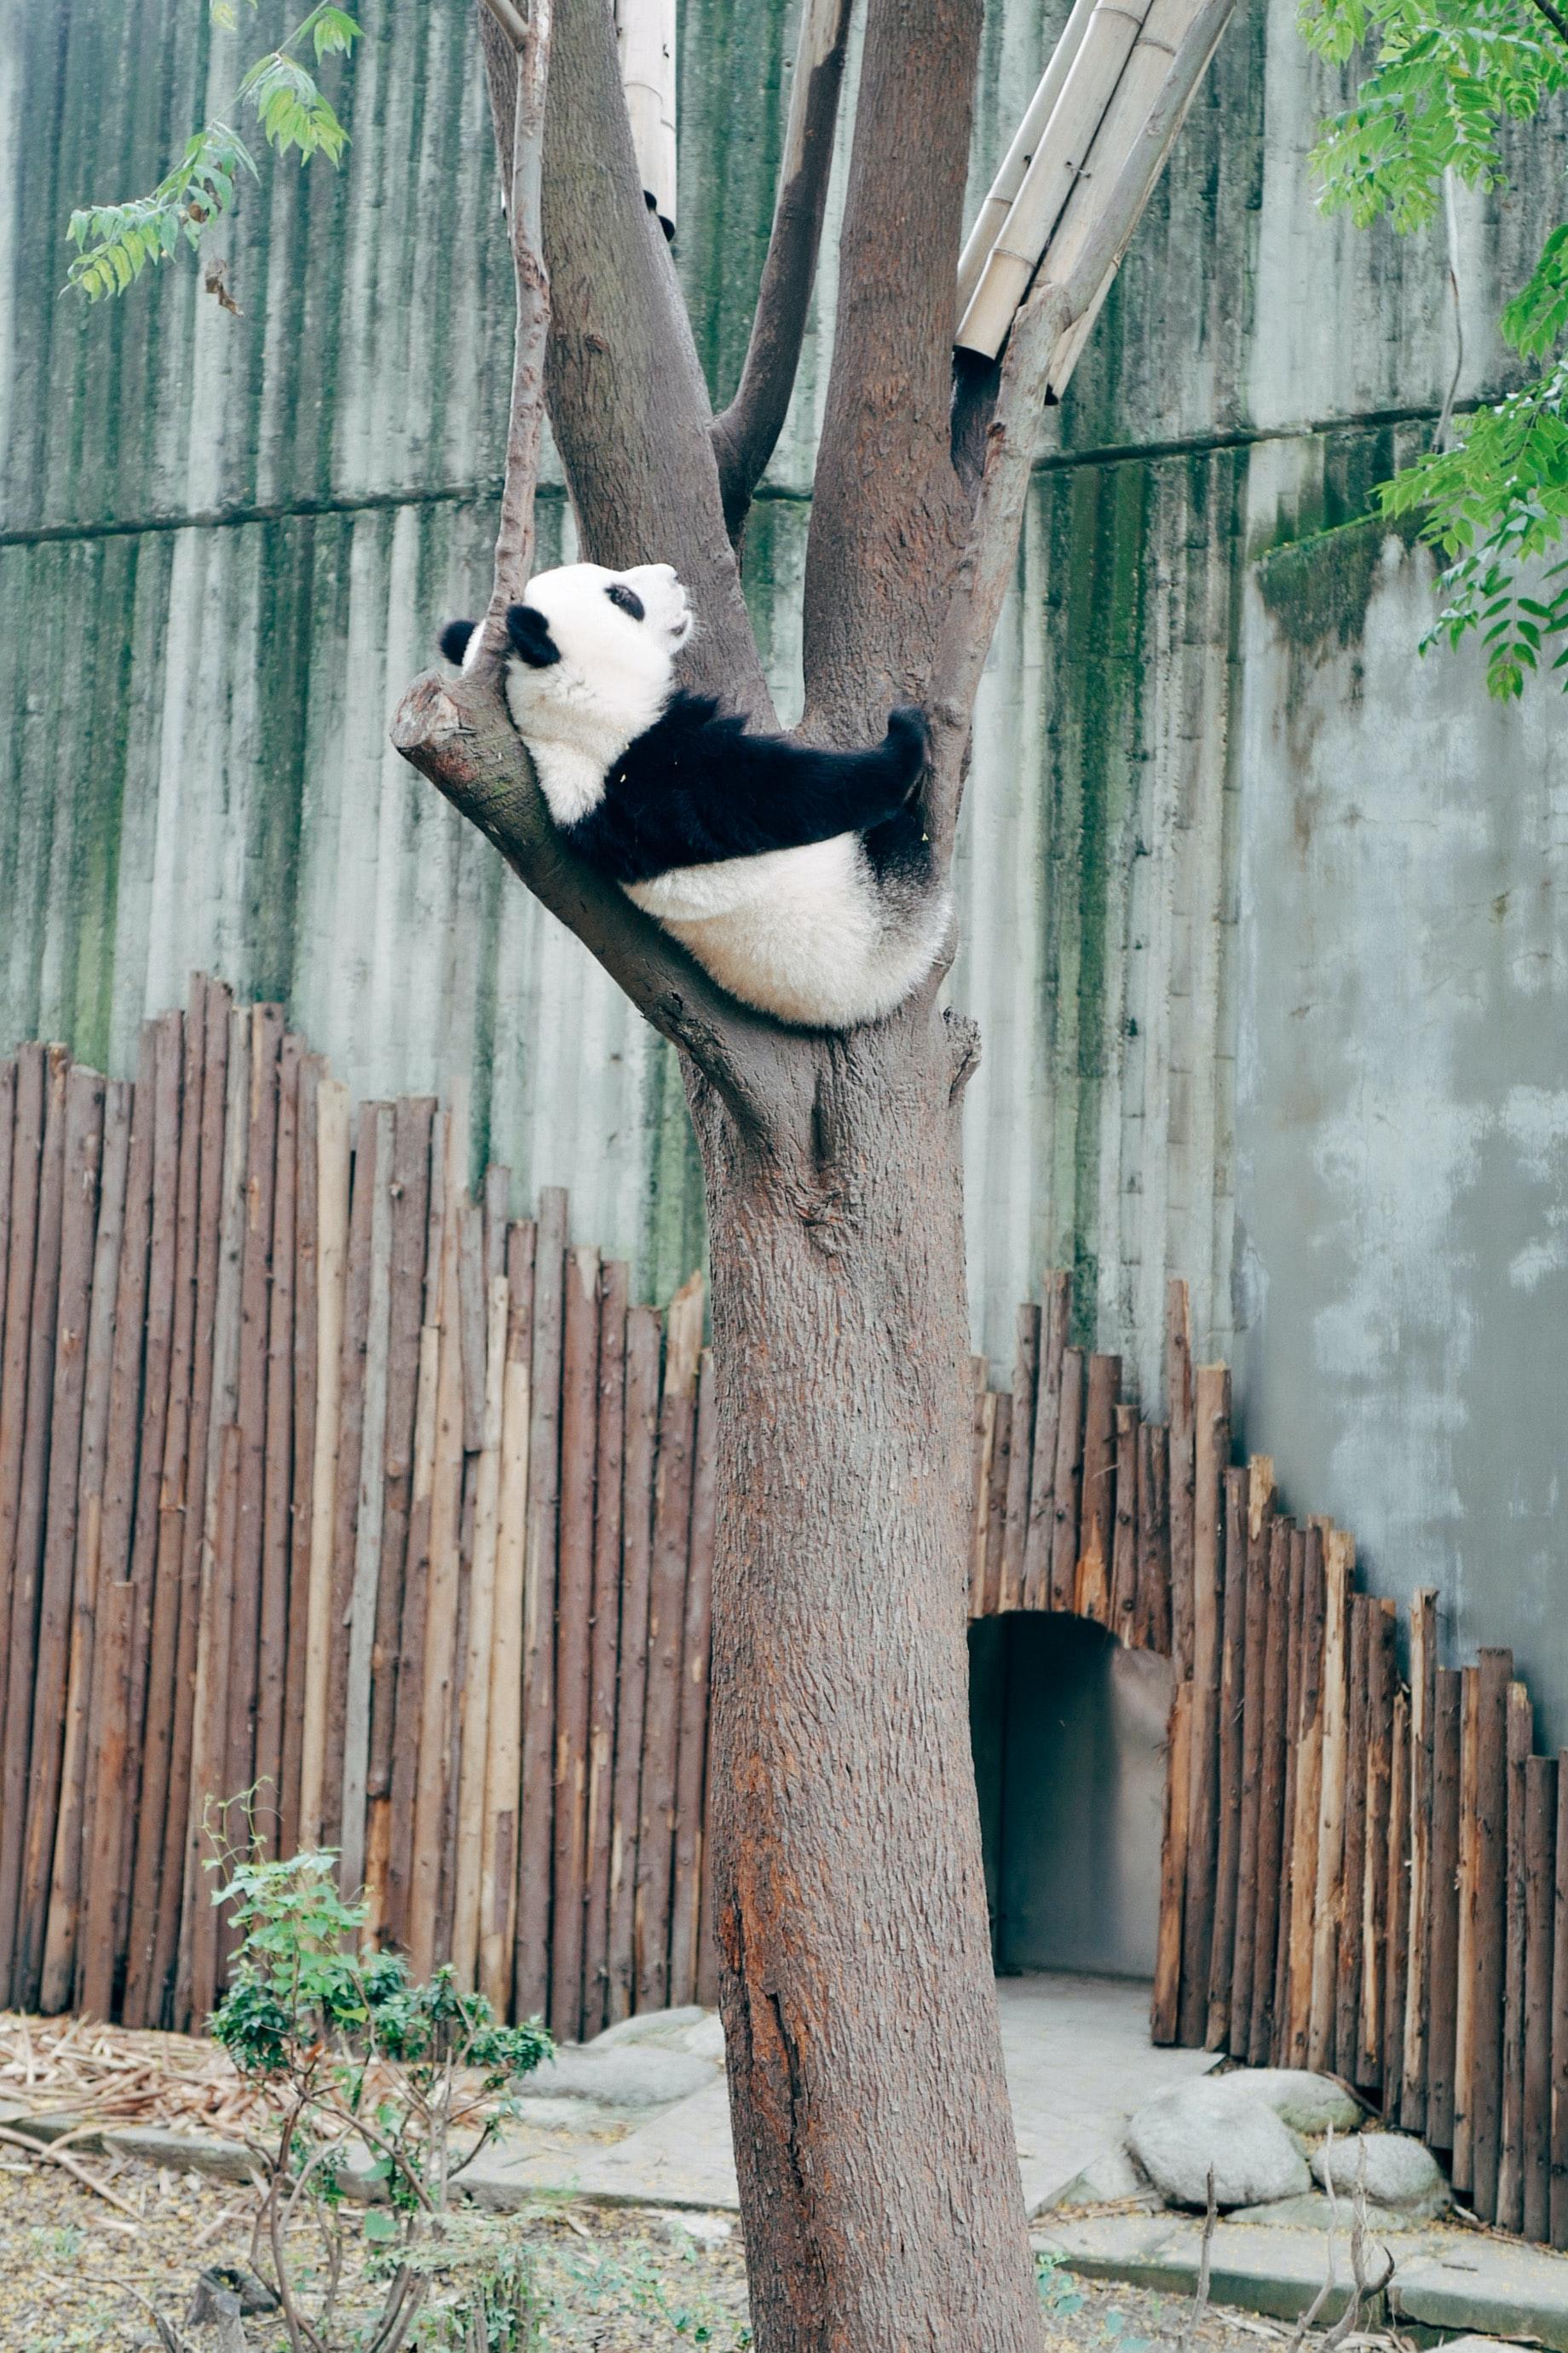 109123 télécharger le fond d'écran Bois, Animaux, Arbre, Animal, Panda - économiseurs d'écran et images gratuitement